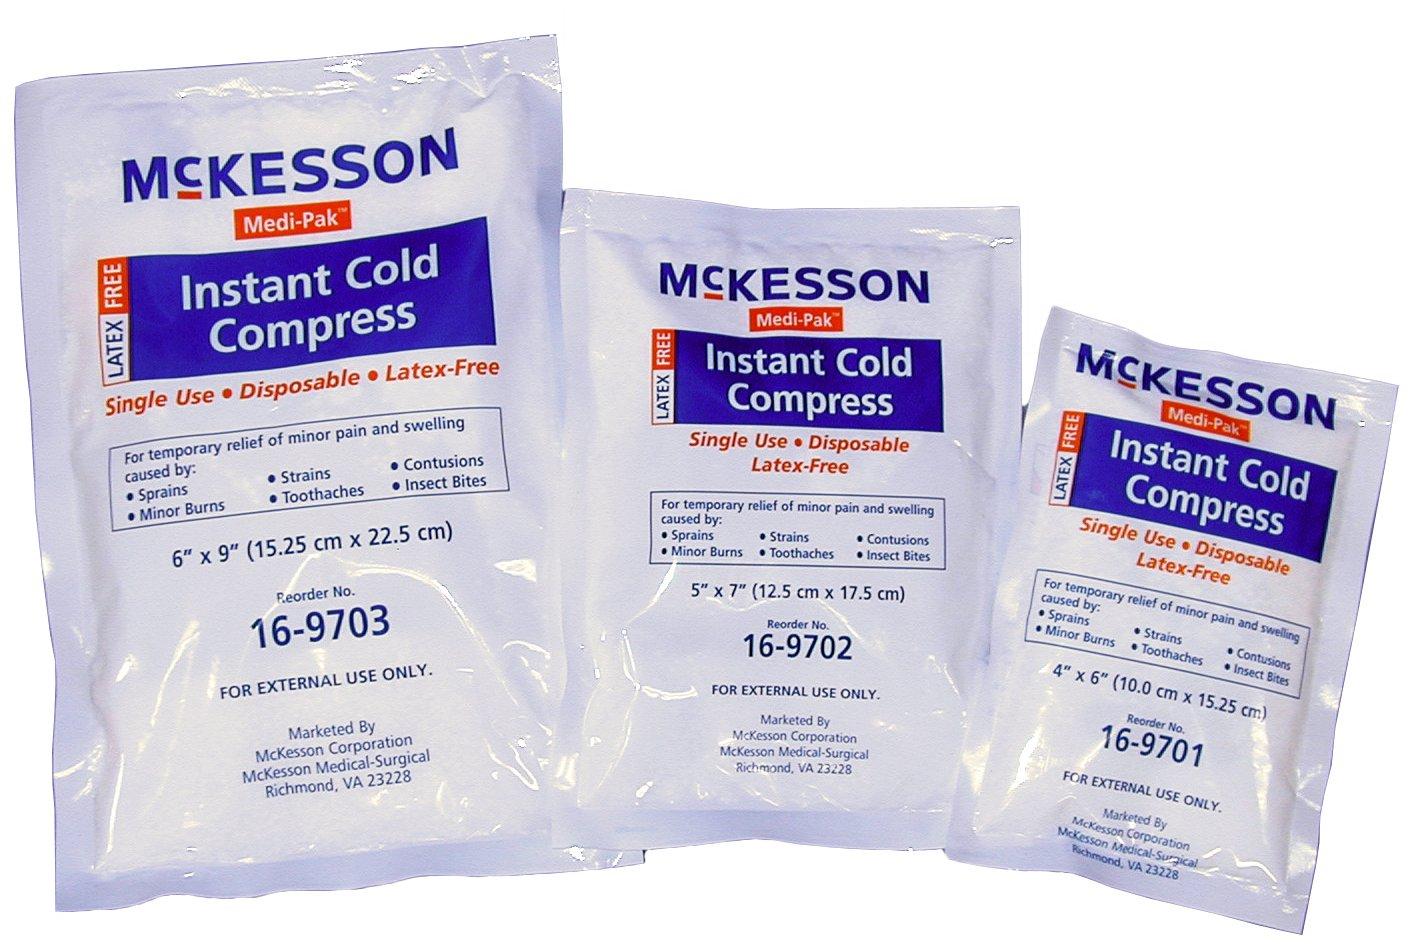 Bolsa de frío instantáneo McKesson 16-9701 Medi-Pak - 10,16 ...